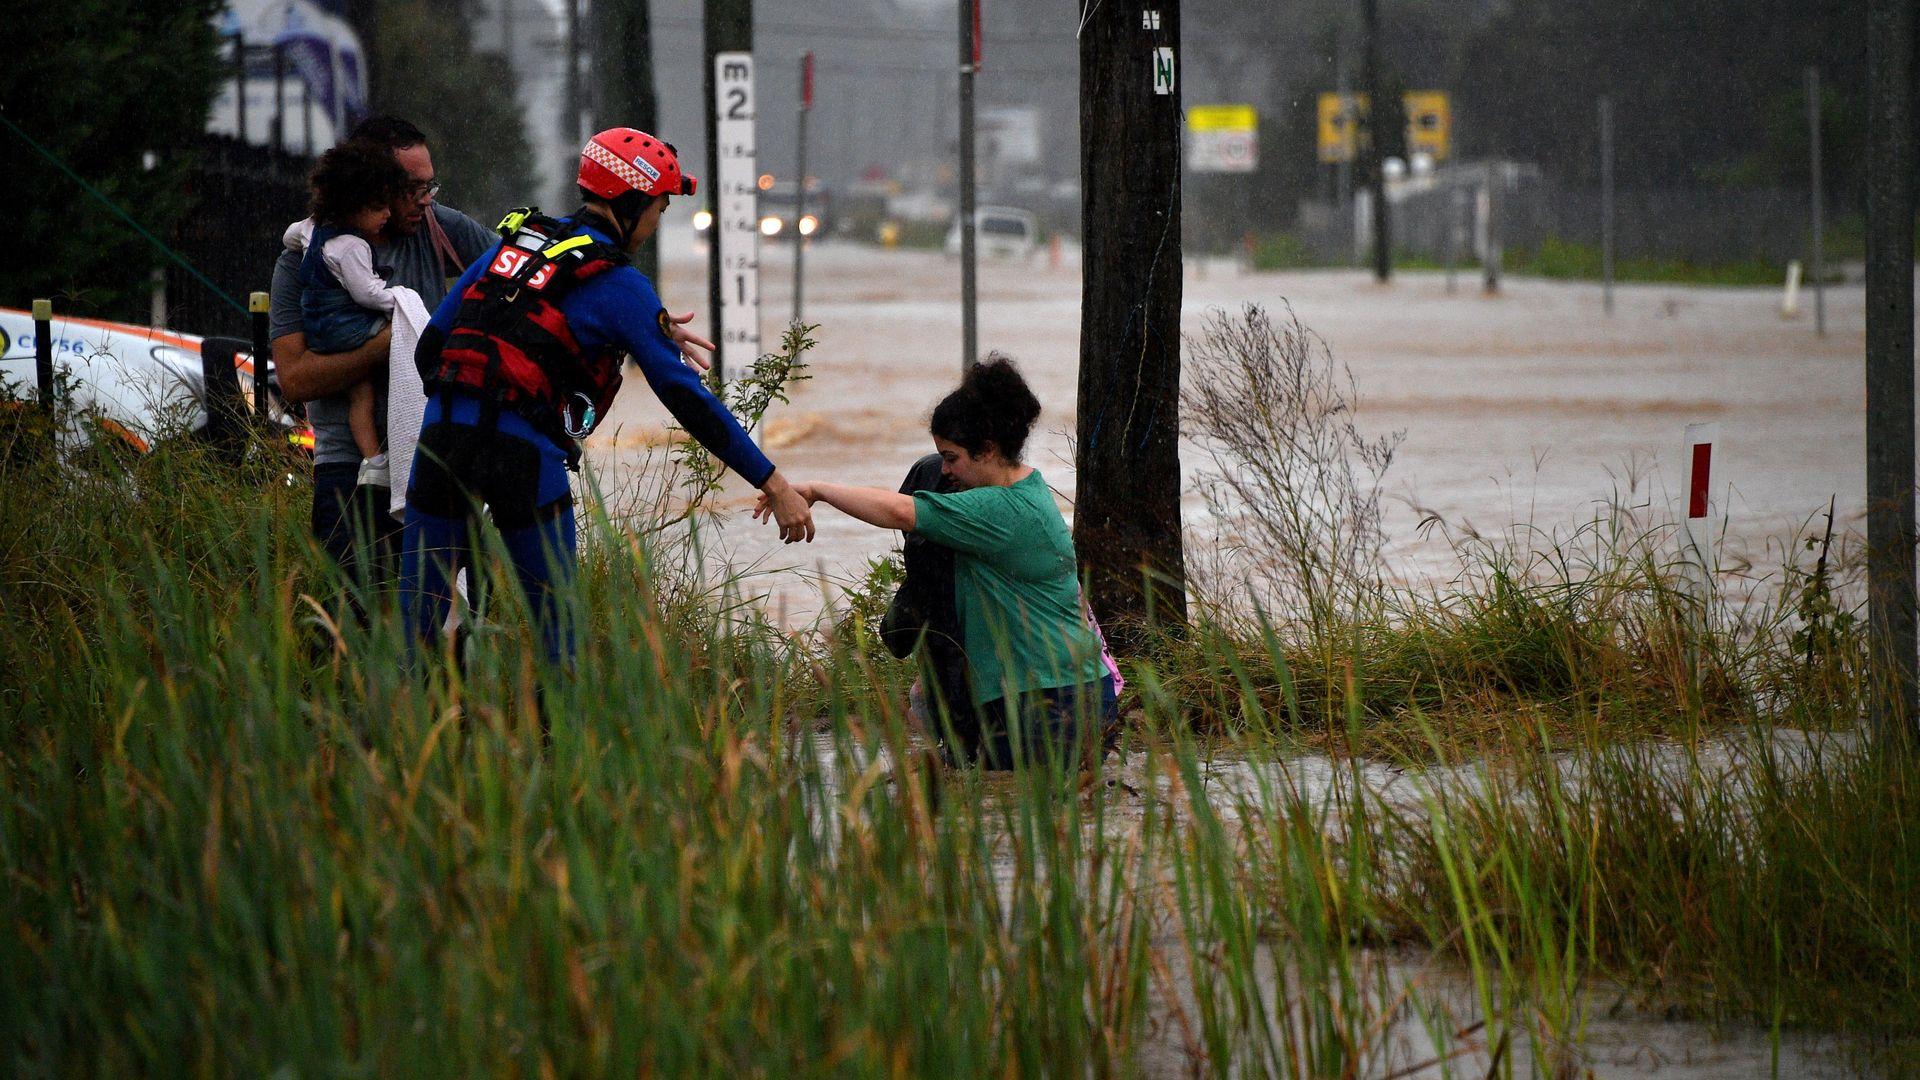 Ein Rettungsarbeiter hilft den Bewohnern am 20. März bei starkem Regen im Westen Sydneys, eine überflutete Straße zu überqueren